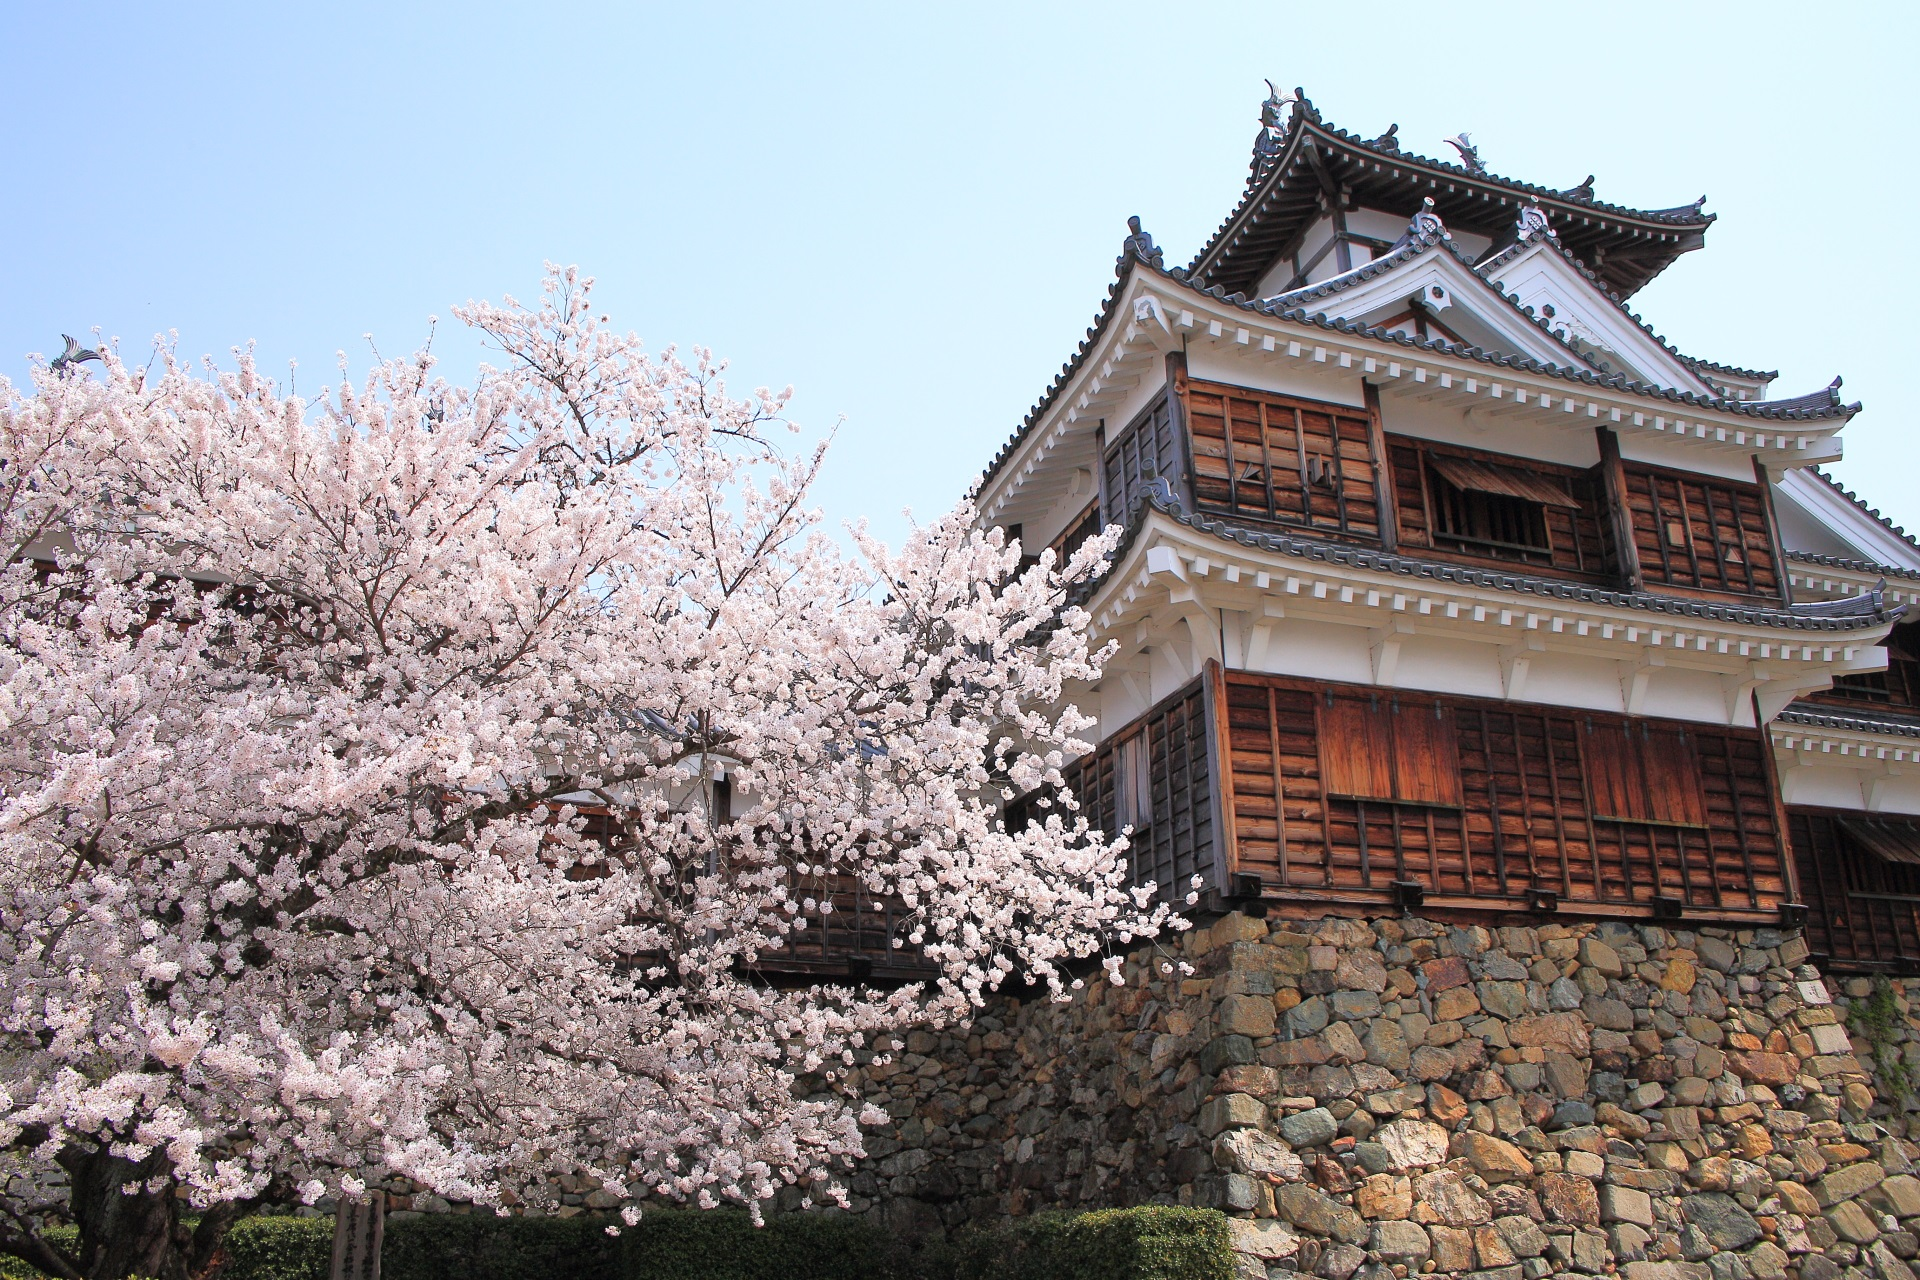 下から見上げた福知山城天守閣と桜